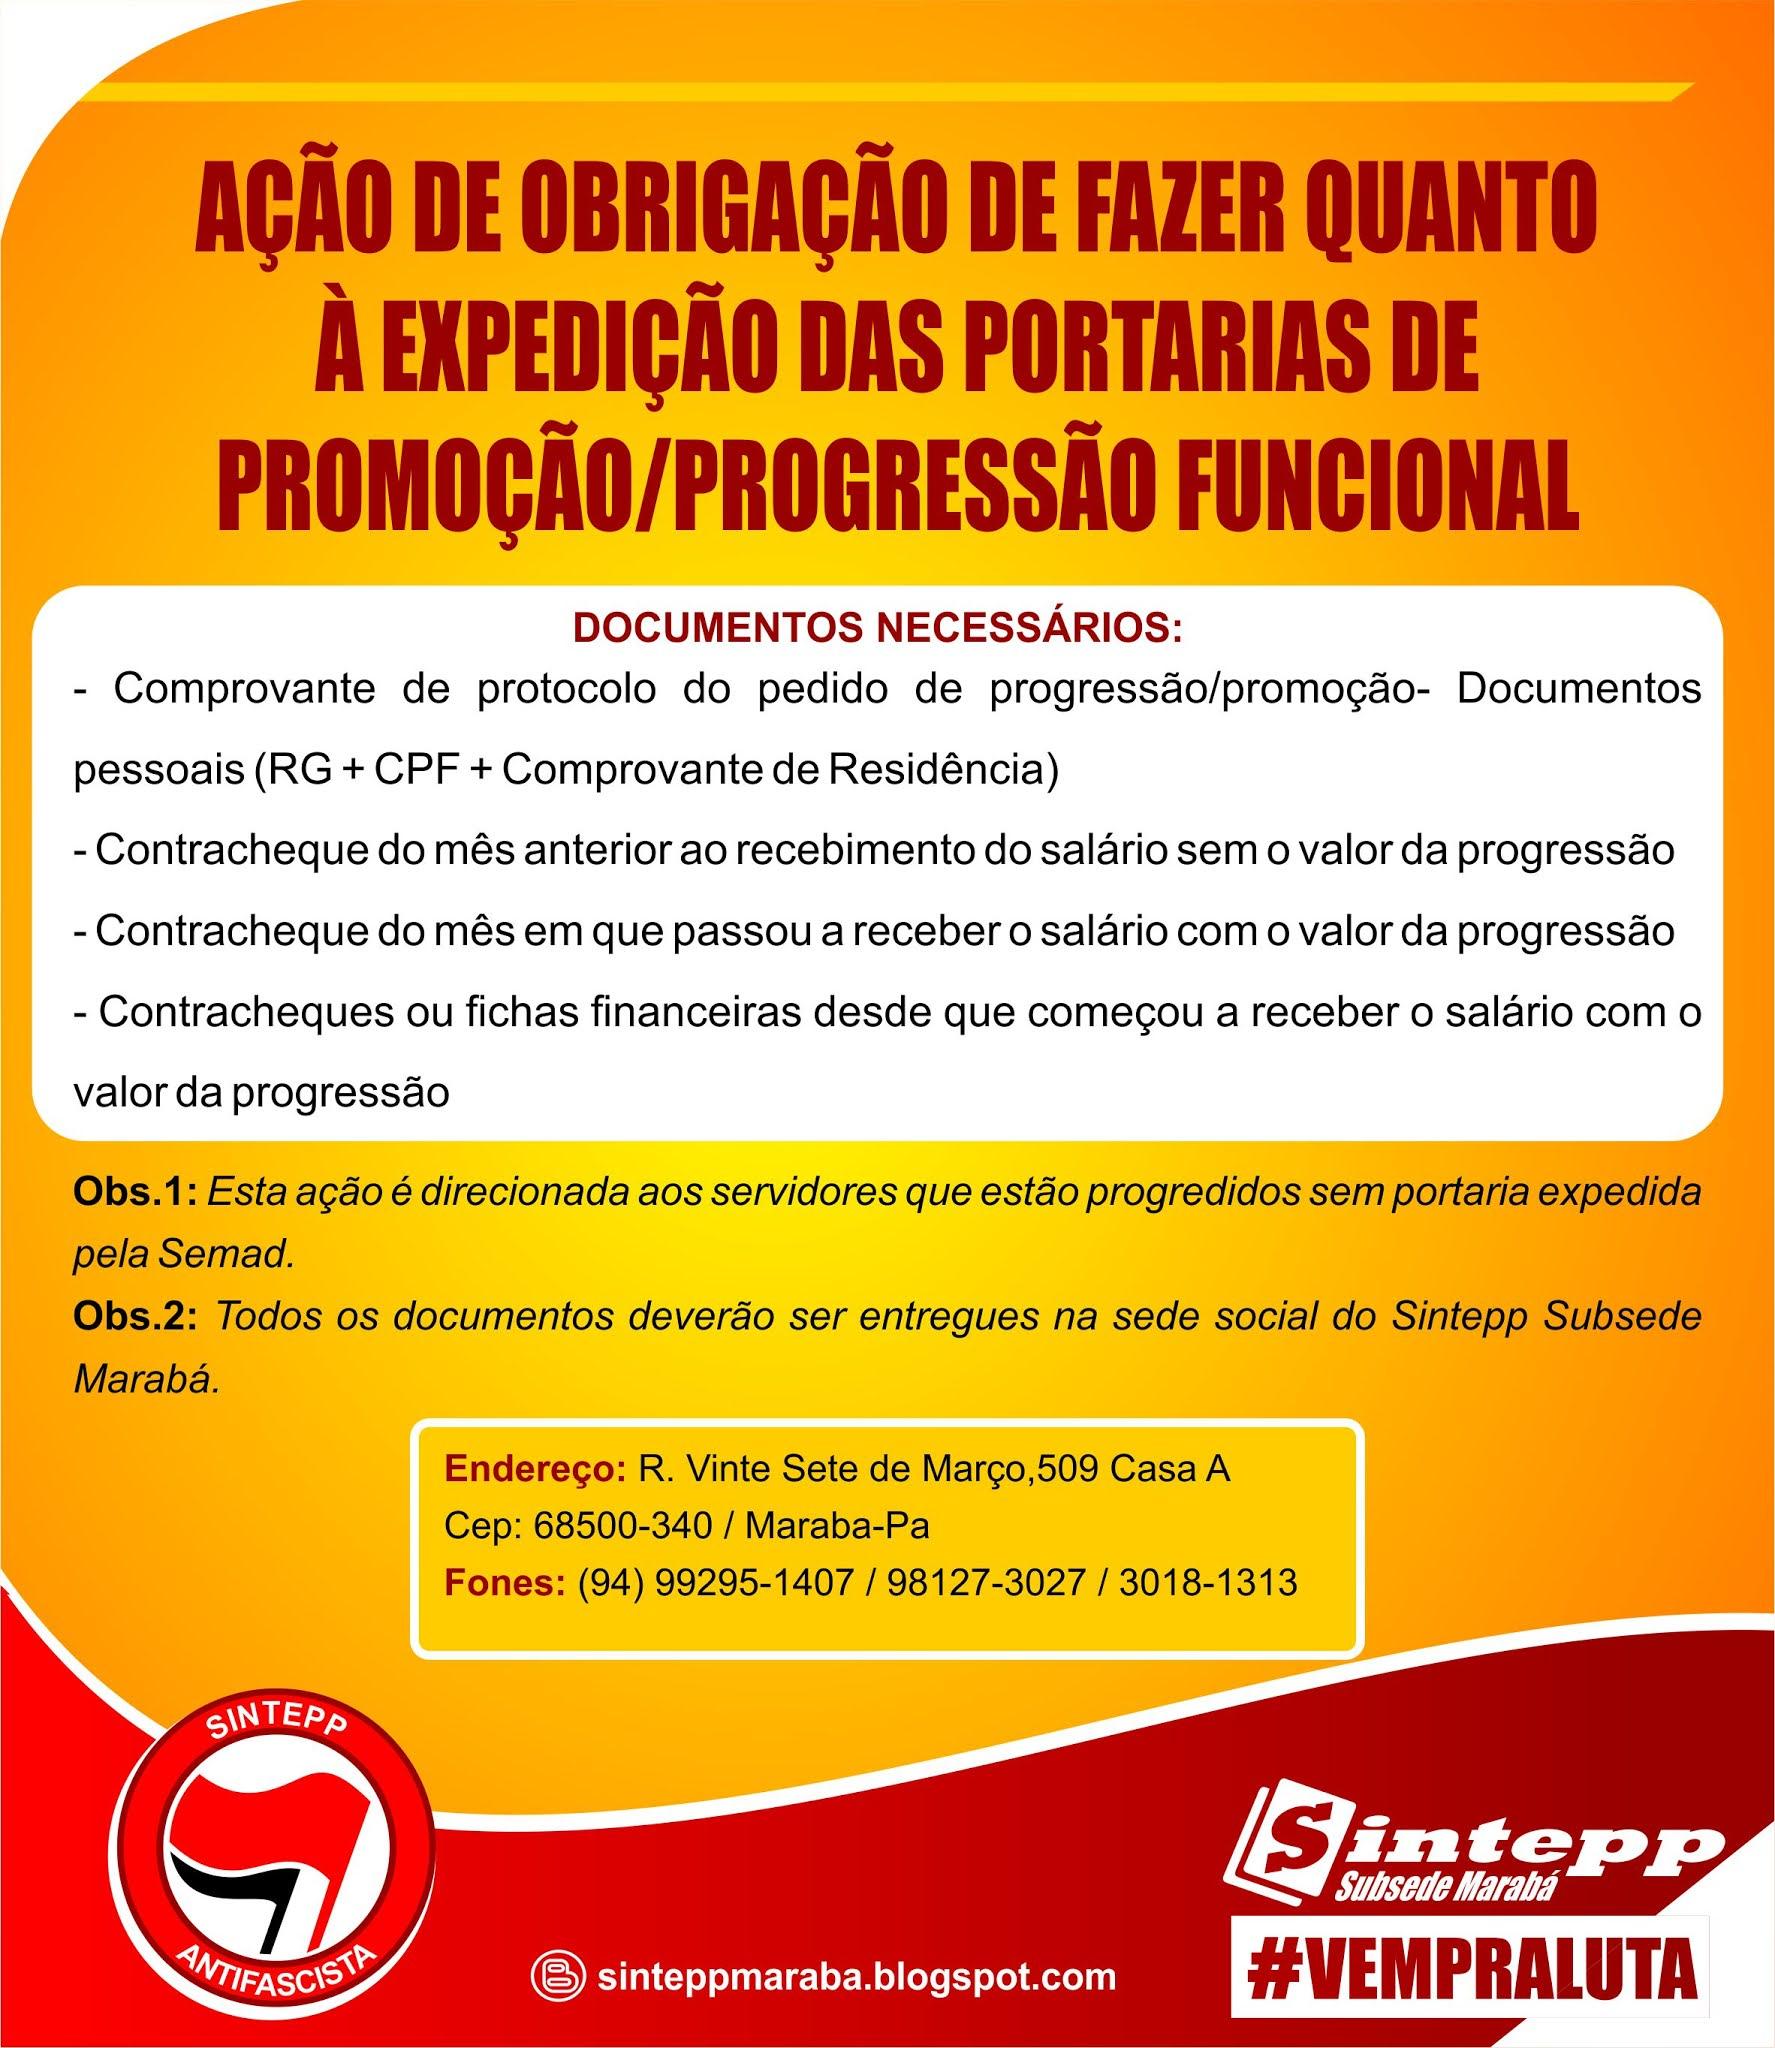 Ação de obrigatoriedade de fazer quanto à expedição de portarias de promoção/progressão funcional de Marabá